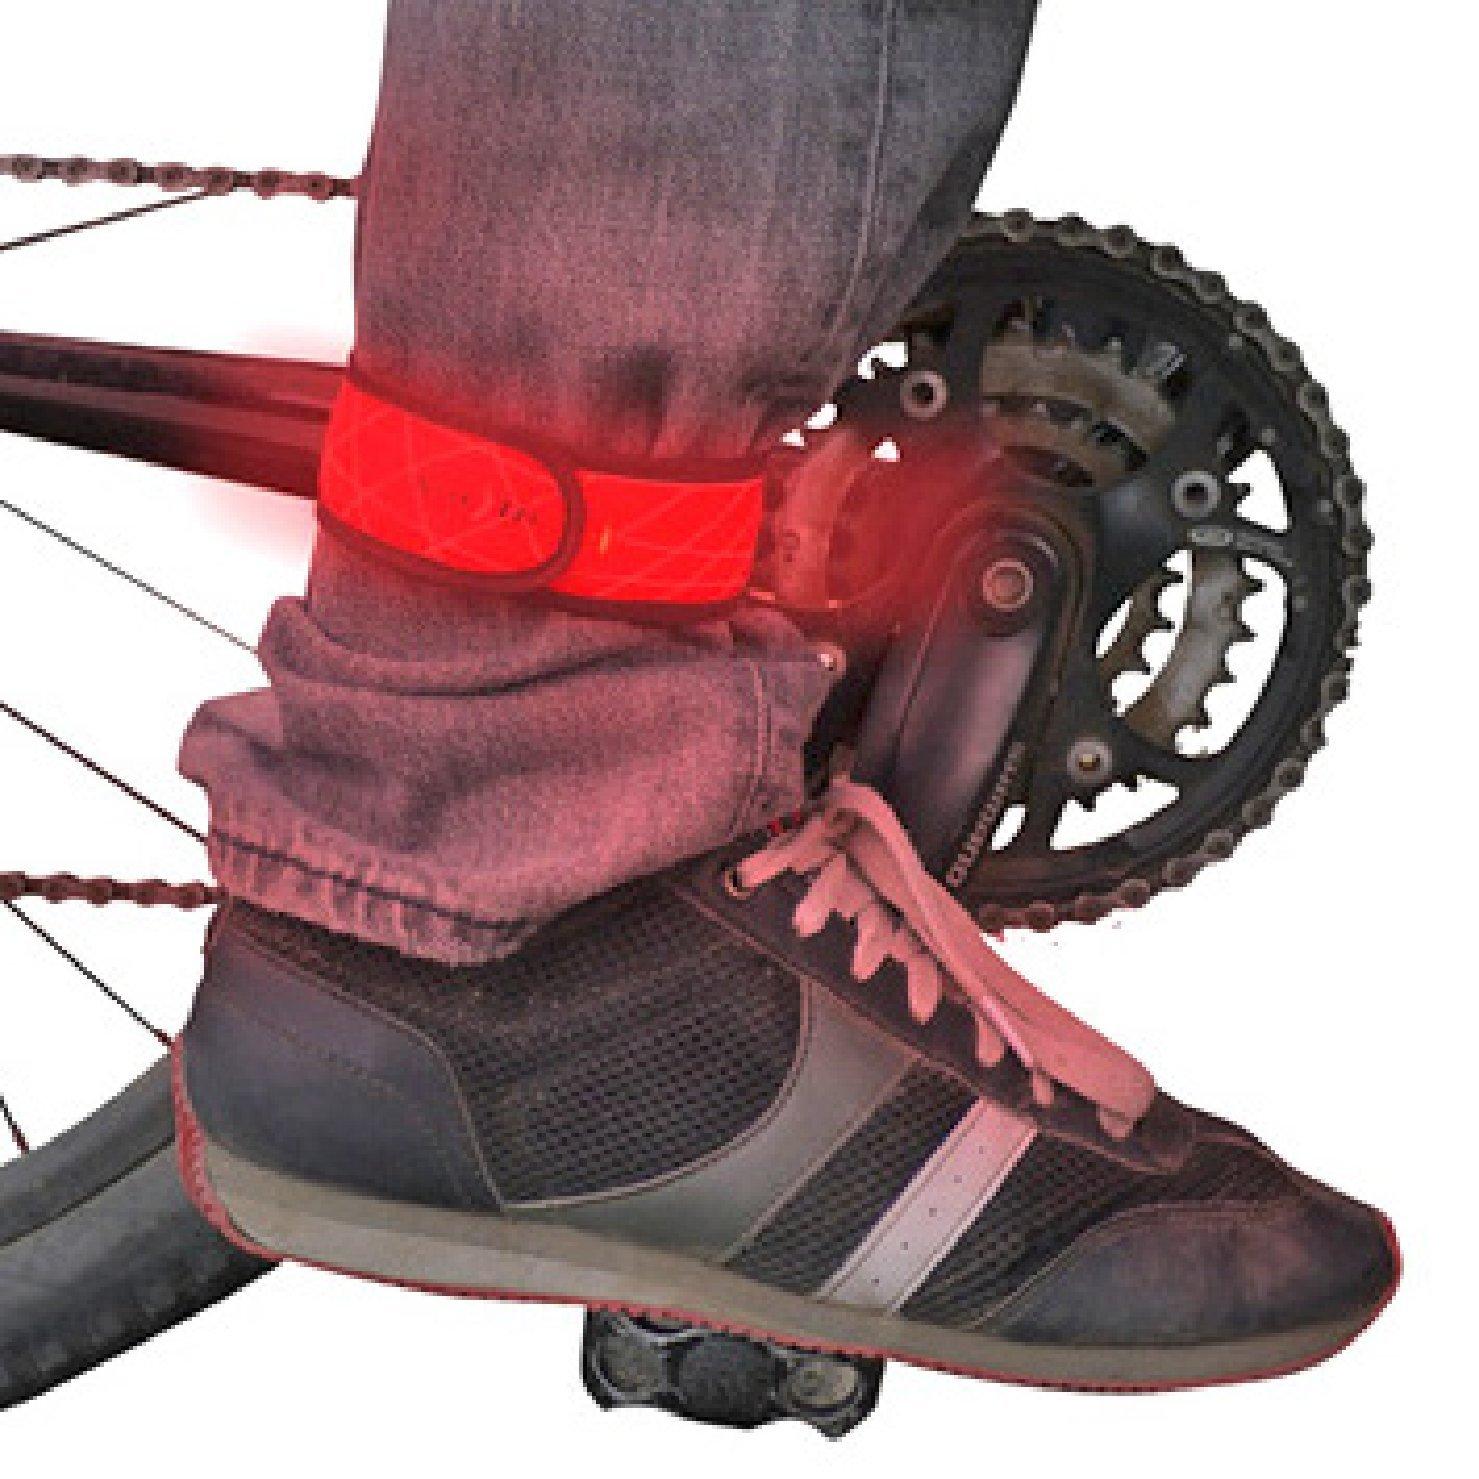 LED Sicherheit Slap Band Armband für Radfahren, Laufen, Joggen, und zu Fuß – Best Reflektierende Flip Gürtel für hohe Sichtbarkeit – Beste Safety Gear für Damen, Herren & Kinder